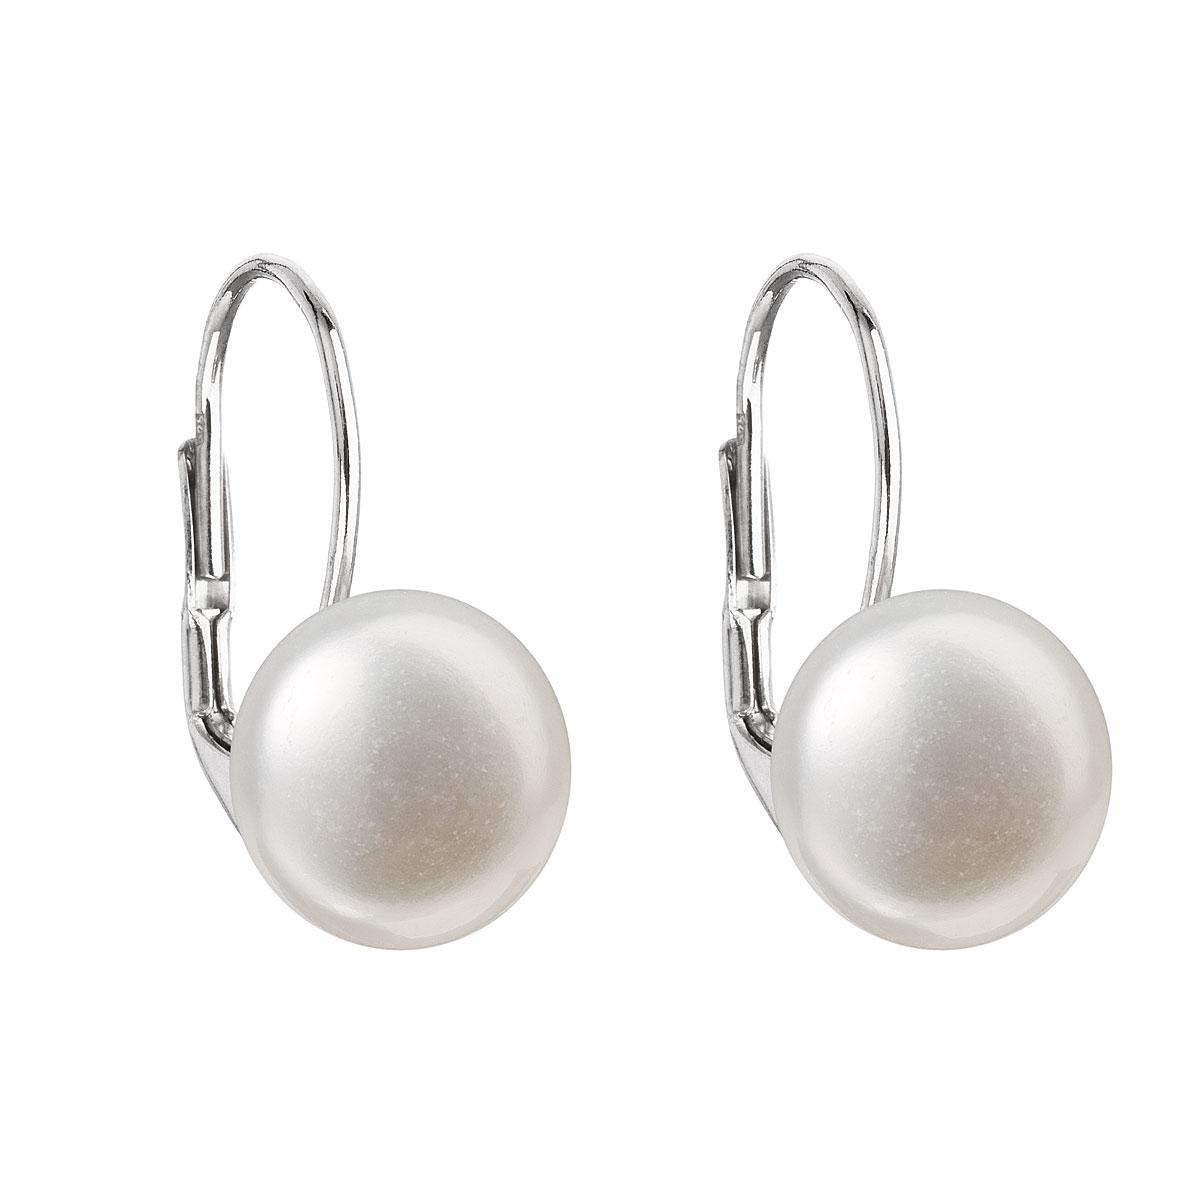 Evolution Group Stříbrné náušnice visací s bílou říční perlou 21010.1